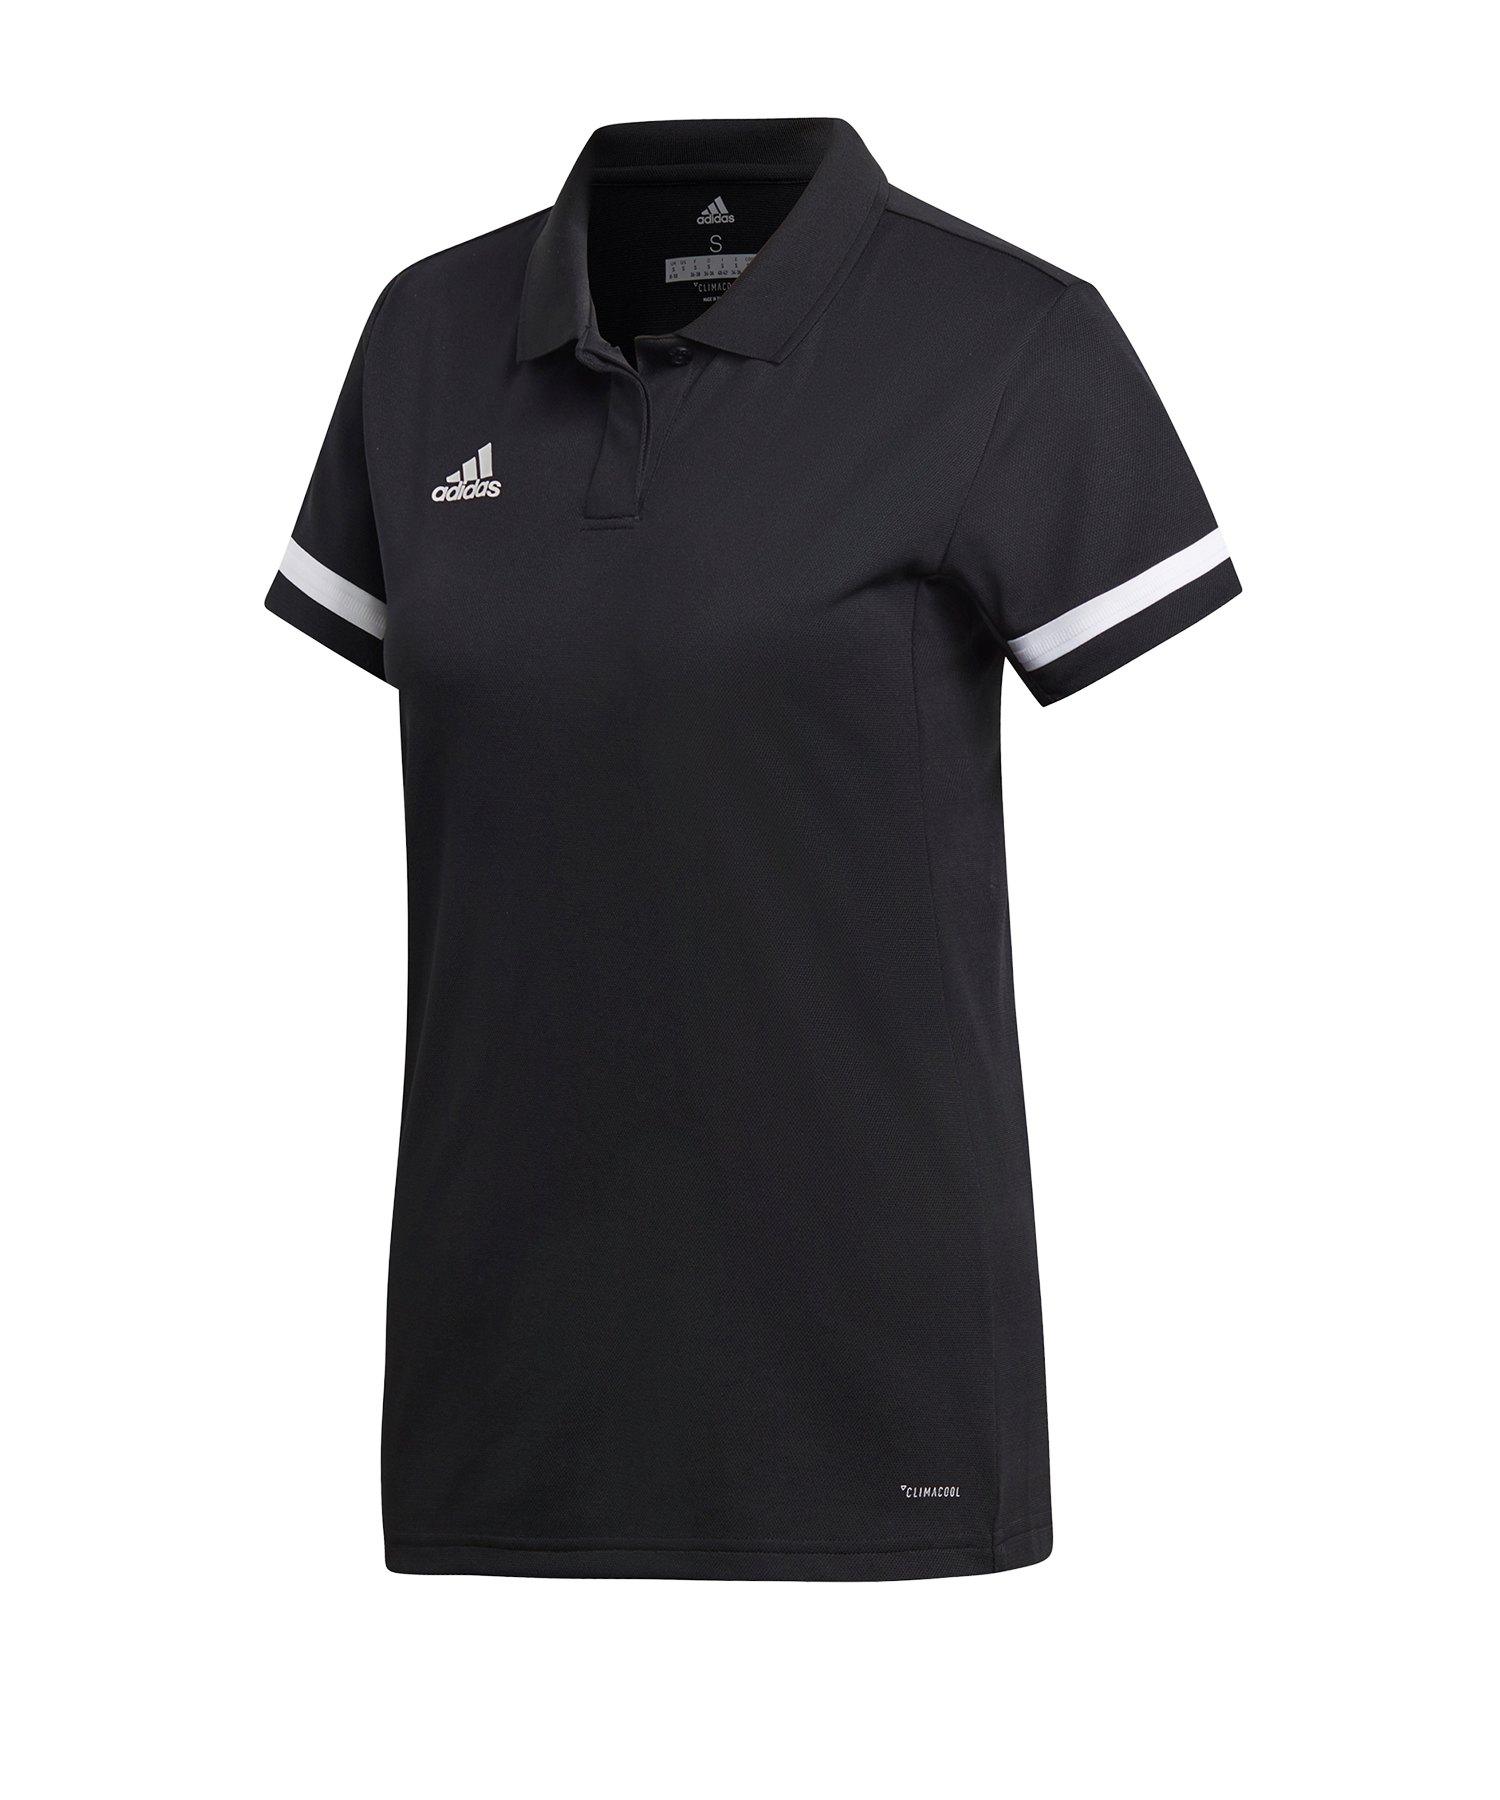 adidas Team 19 Poloshirt Damen Schwarz Weiss - schwarz